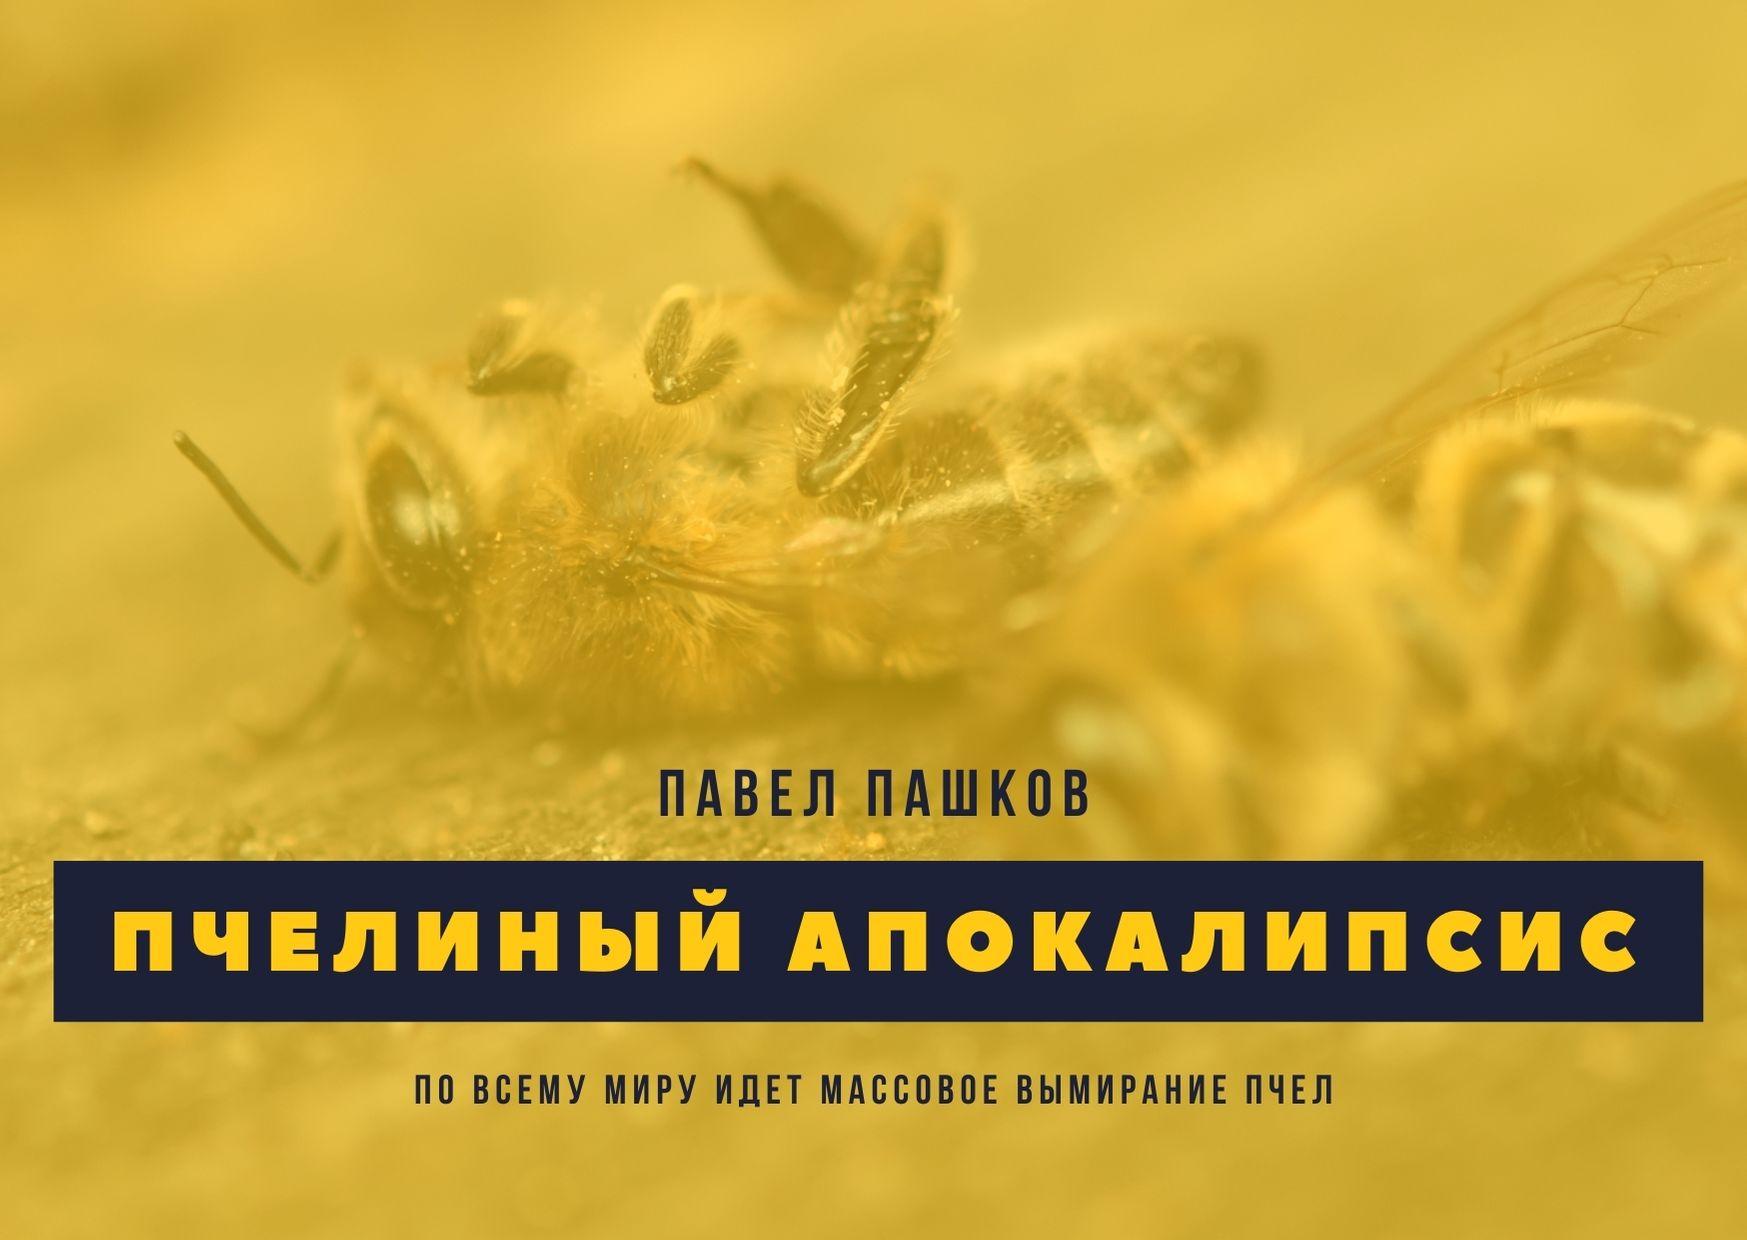 Пчелиный апокалипсис: по всему миру массово вымирают пчелы